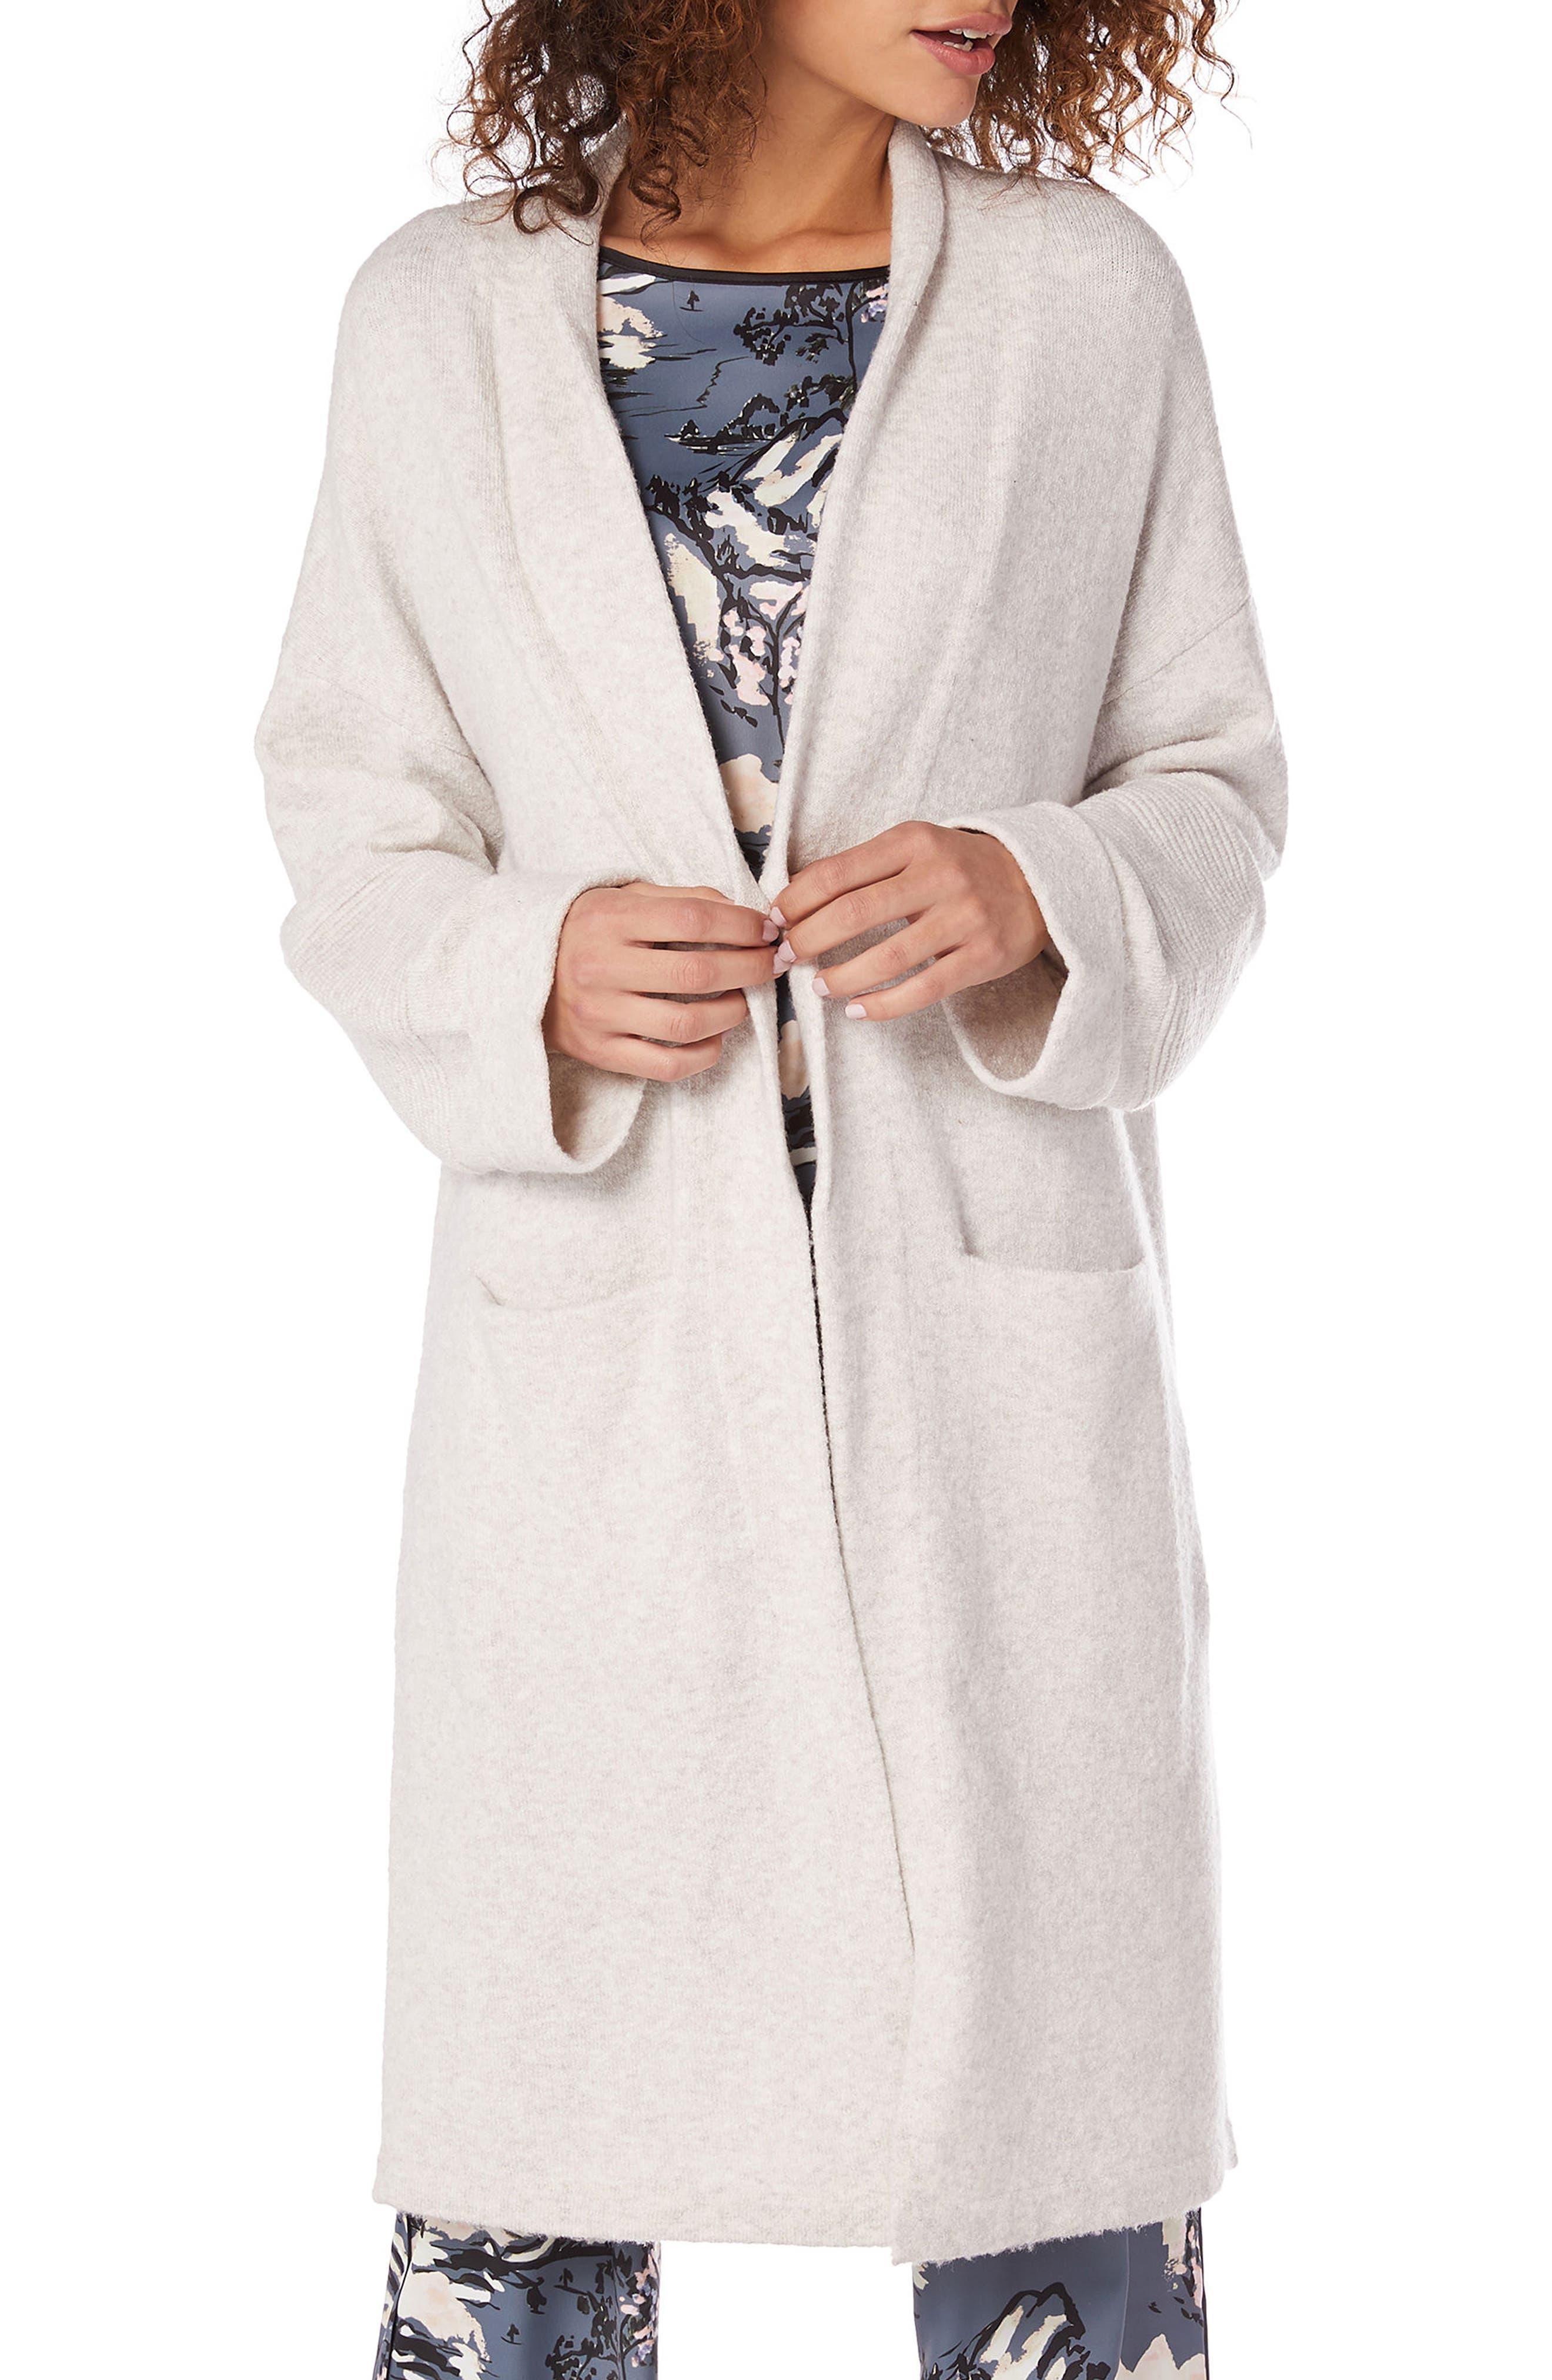 MICHAEL STARS Cozy Knit Shawl Collar Cardigan in Ash